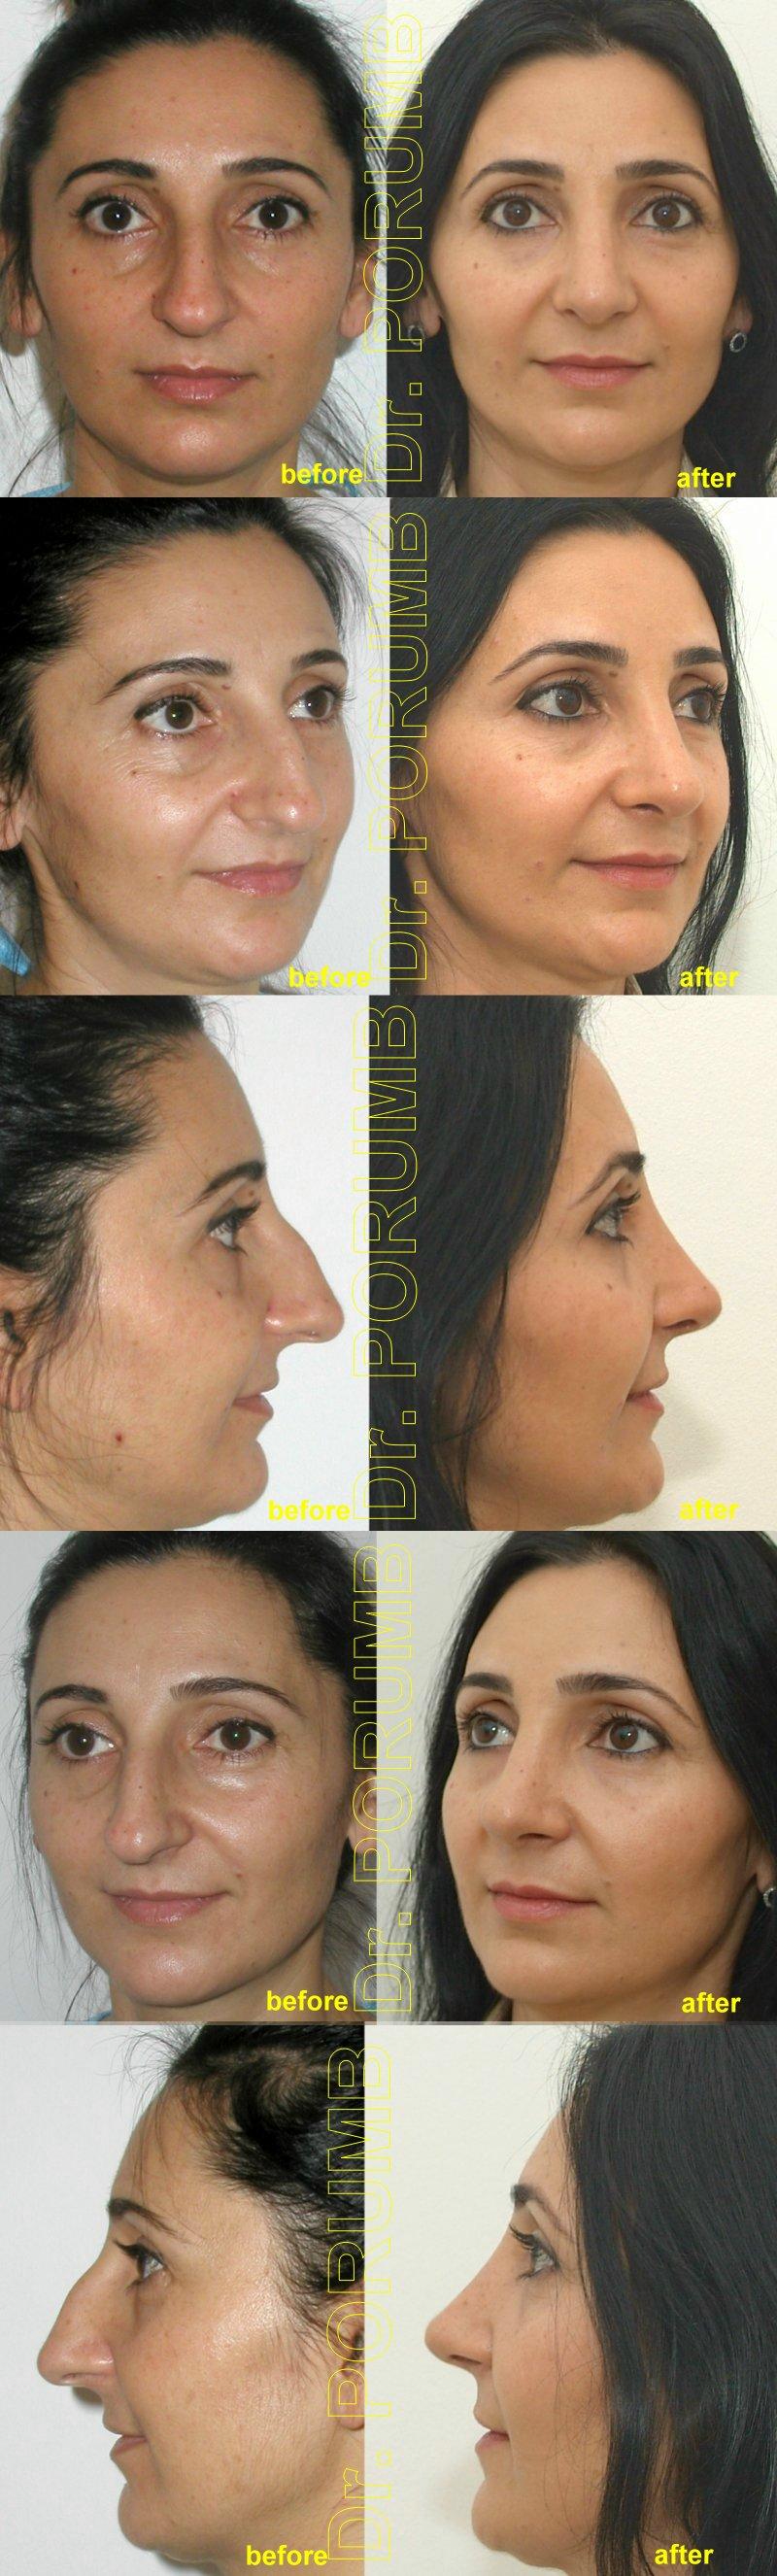 Pacienta de 38 ani, nemultumita de aspectul estetic al nasului, de marimea nasului, doreste sa apeleze la chirurgie estetica de rinoplastie (operatie estetica nas), cu corectia deviatiei de sept si deviatiei de nas, indepartarea cocoasei si micsorarea nasului, subtierea nasului si a bazei piramidei nazale si scurtarea si ridicarea nasului